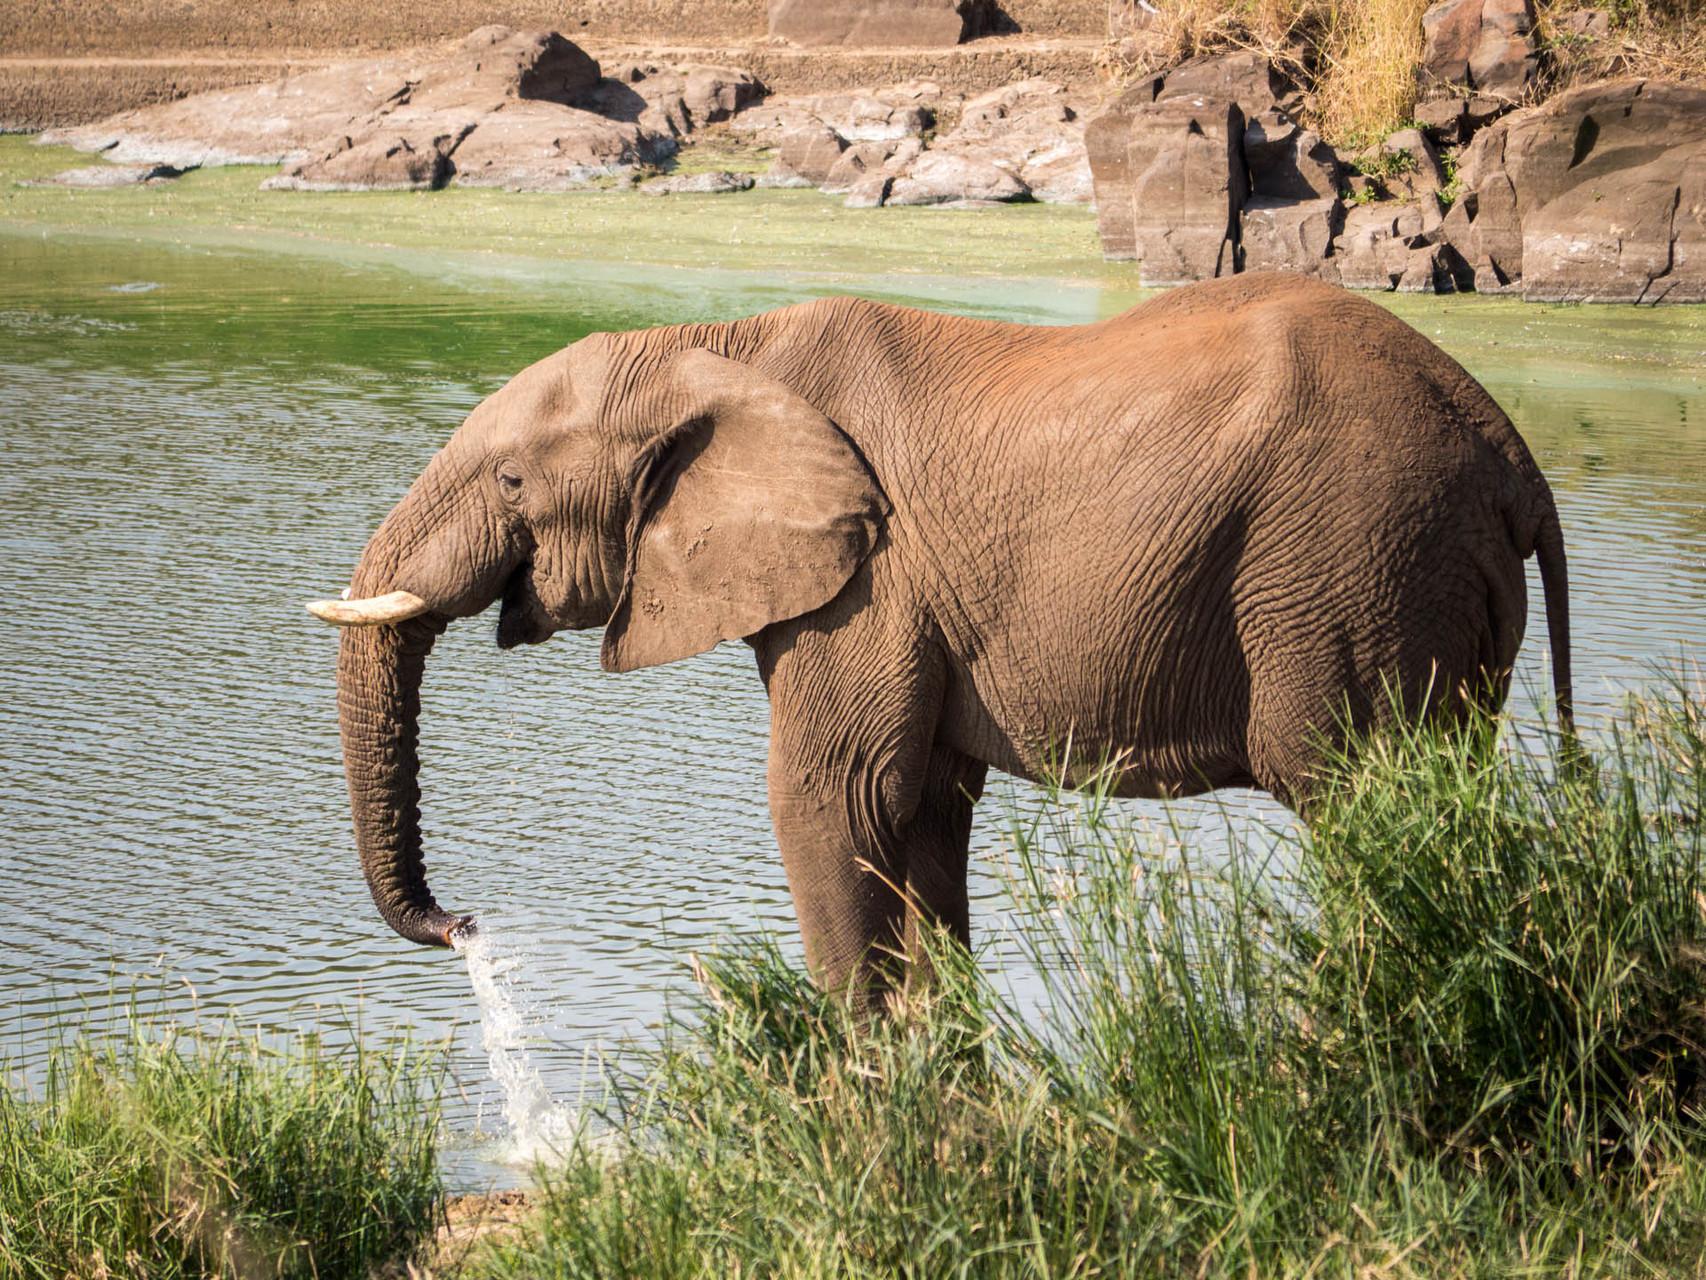 Elefant [Kruger Park, South Africa, 2015]